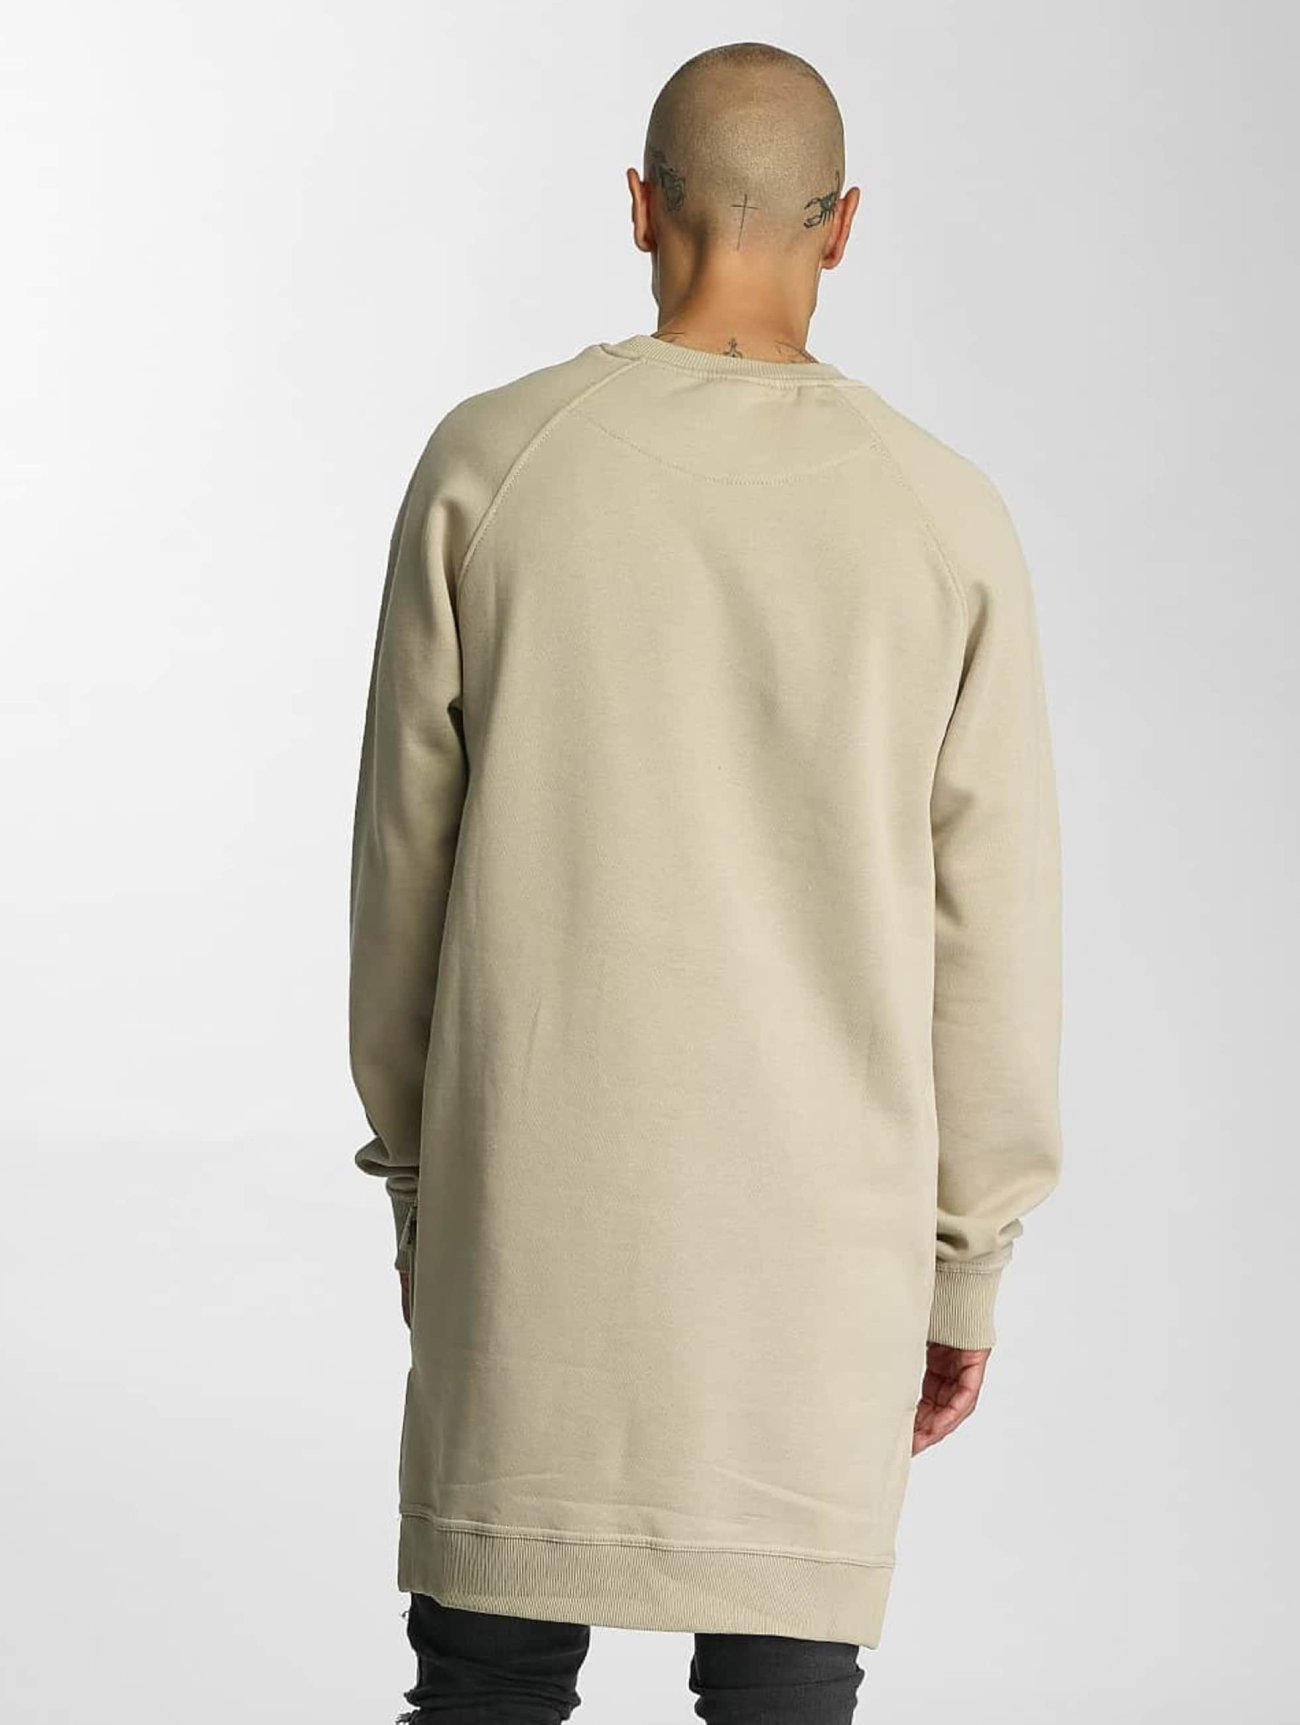 De Ferro | Agra   beige Homme Sweat & Pull  331826| Homme Hauts